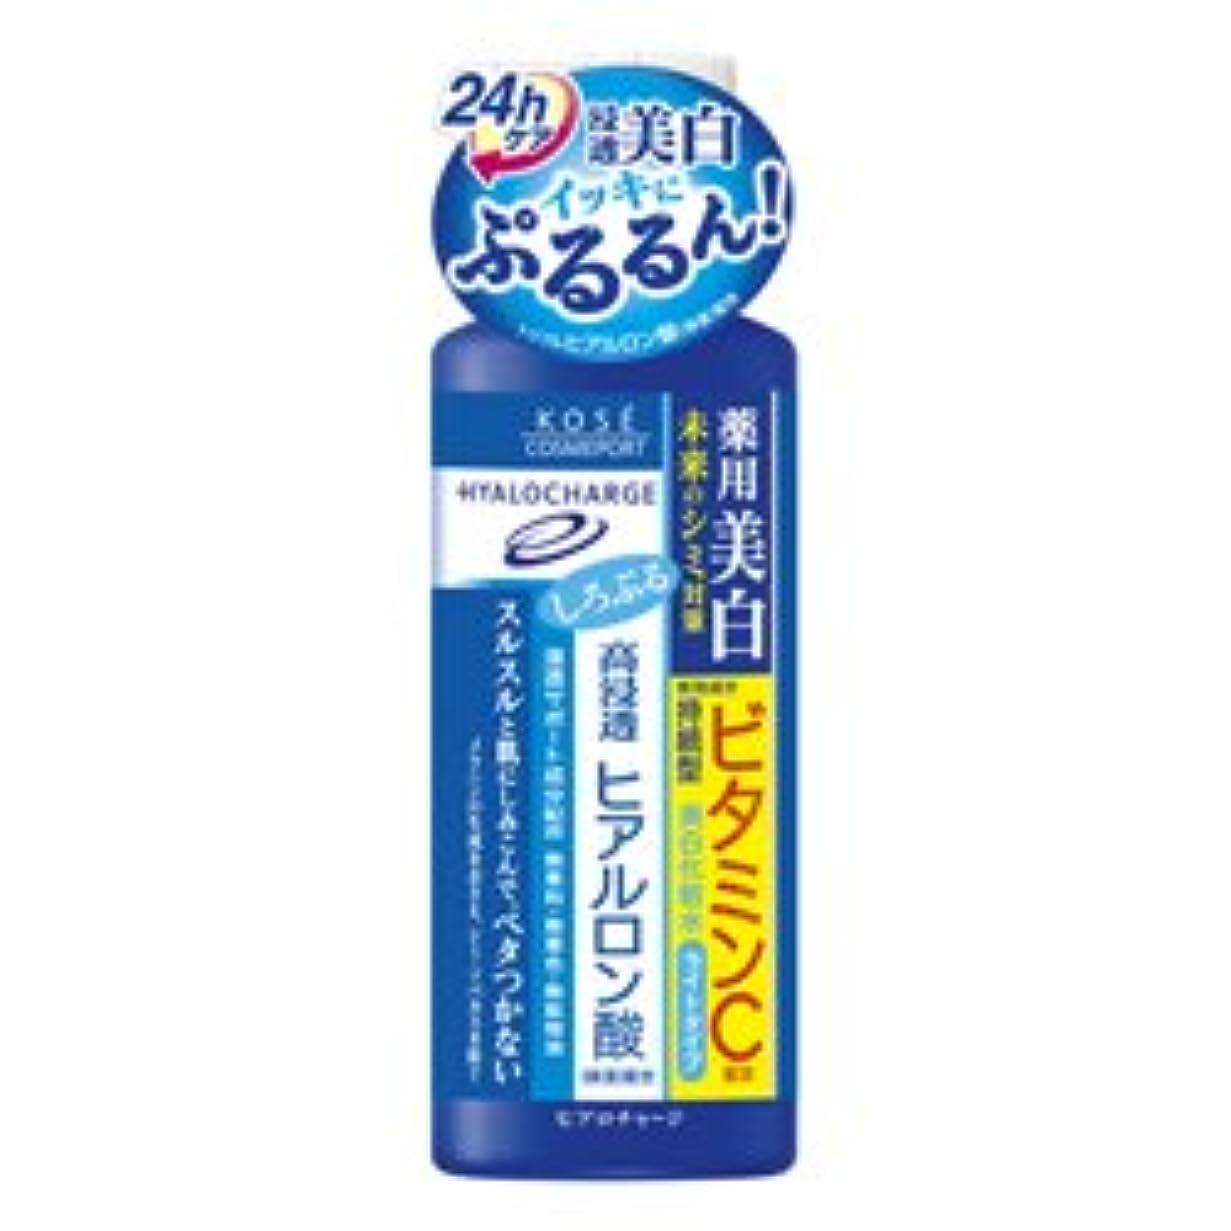 【コーセーコスメポート】ヒアロチャージ 薬用ホワイトローションLライト 180ml(医薬部外品) ×20個セット